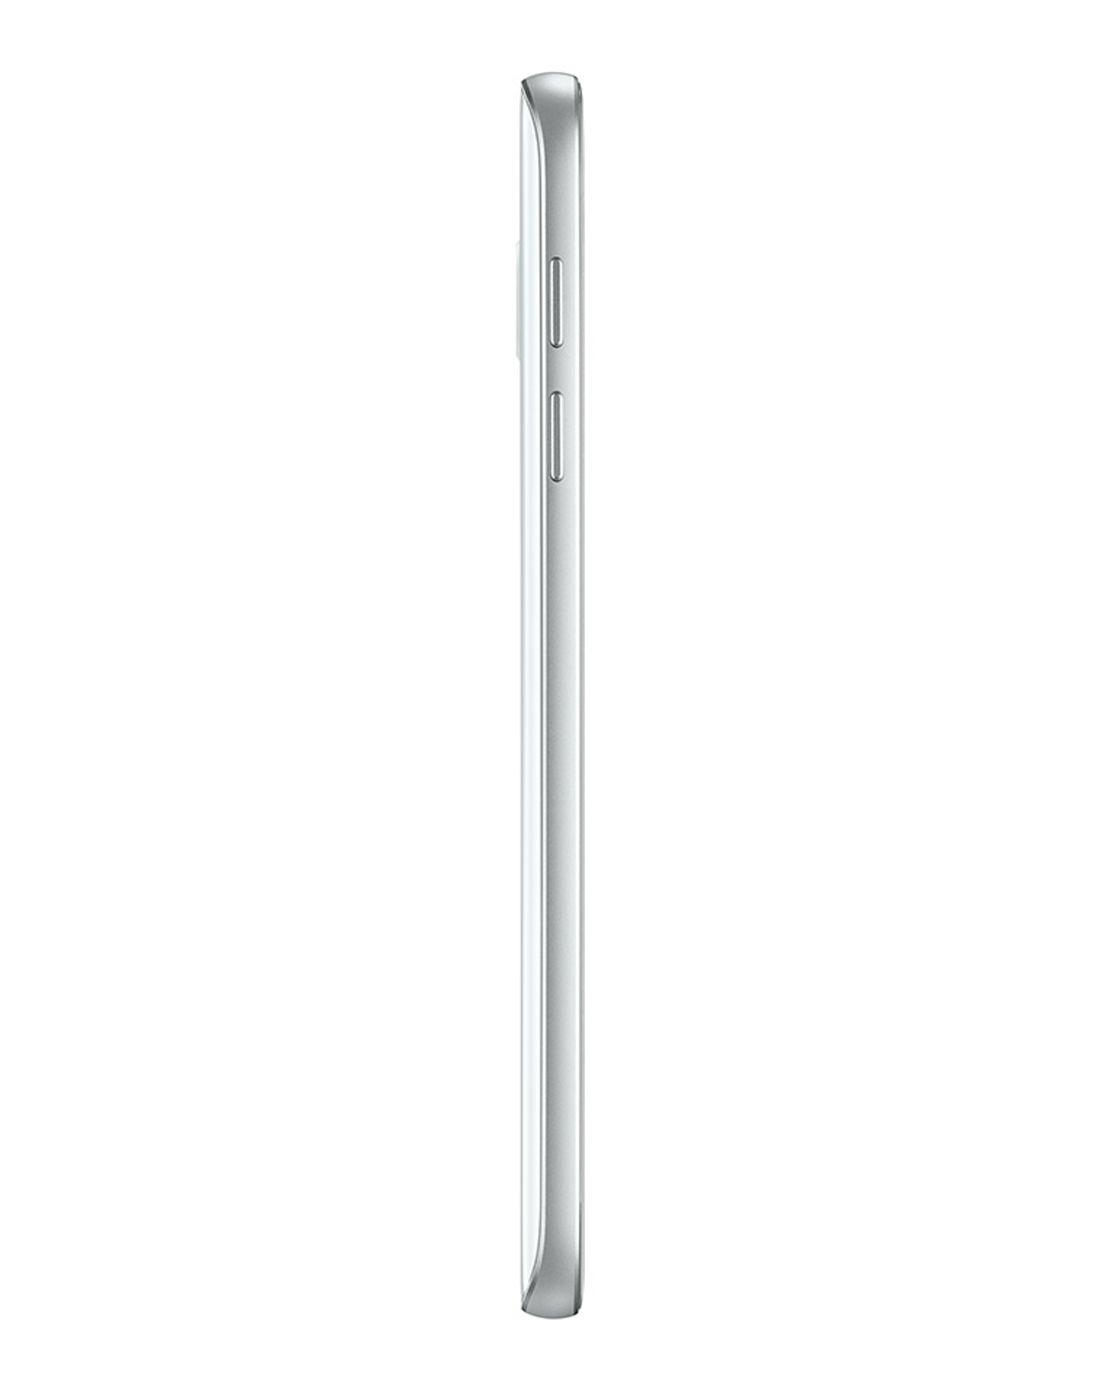 三星sedge雪晶白_【三星G9200手机雪晶白官方标配4G全网通3